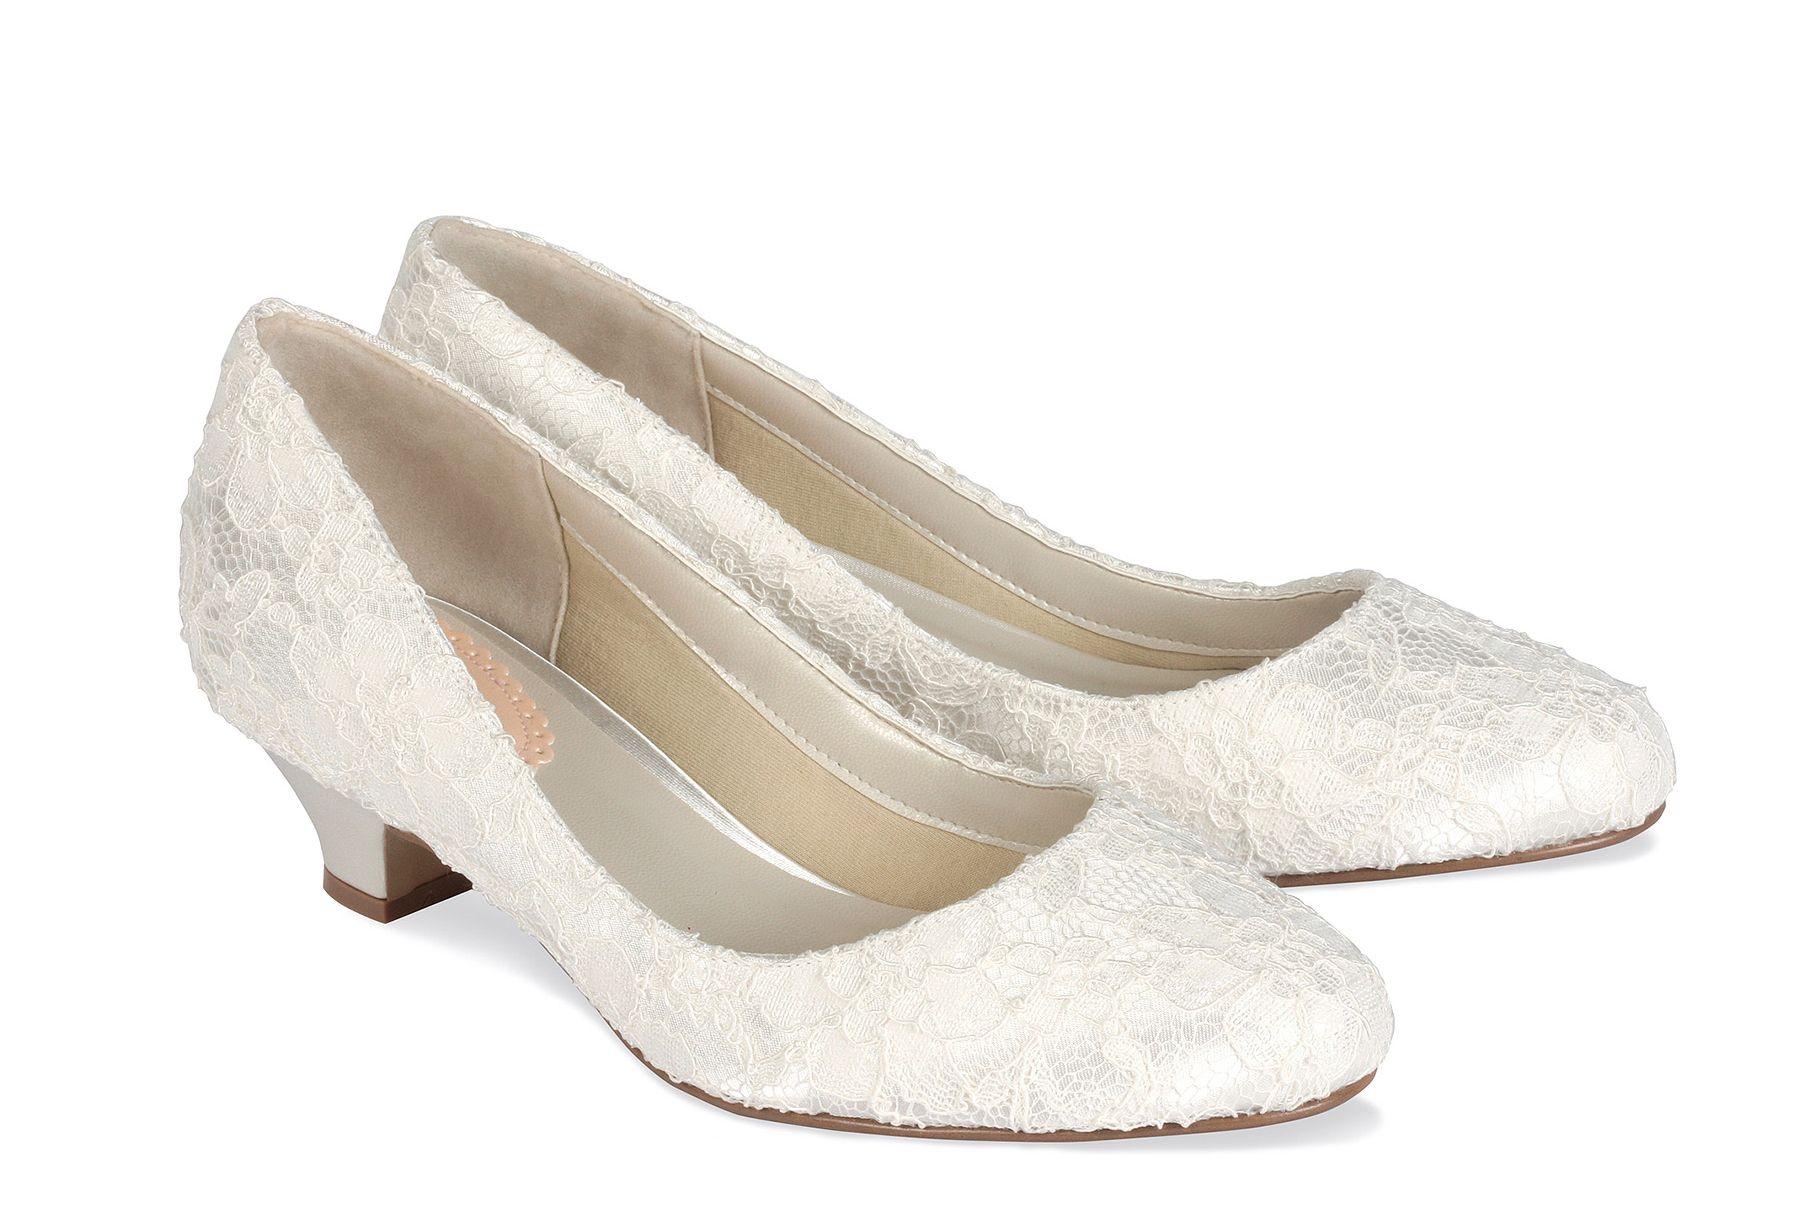 bon bon wedding bridal shoes pink wedding shoes. Black Bedroom Furniture Sets. Home Design Ideas